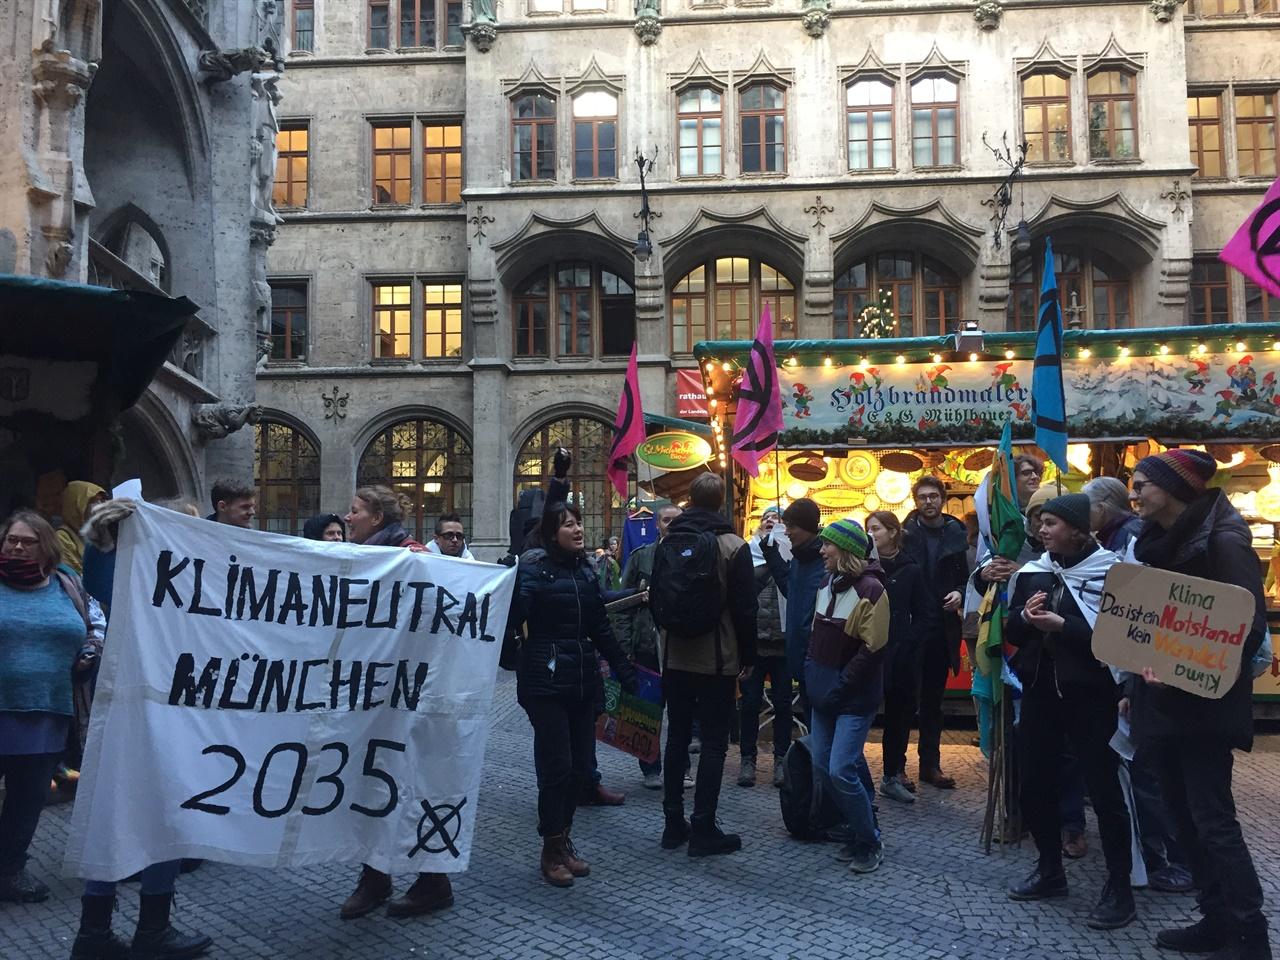 뮌헨시청에 모여 시정부의 적극적인 정책을 요구하며 노래하고 있는 시민들의 모습.